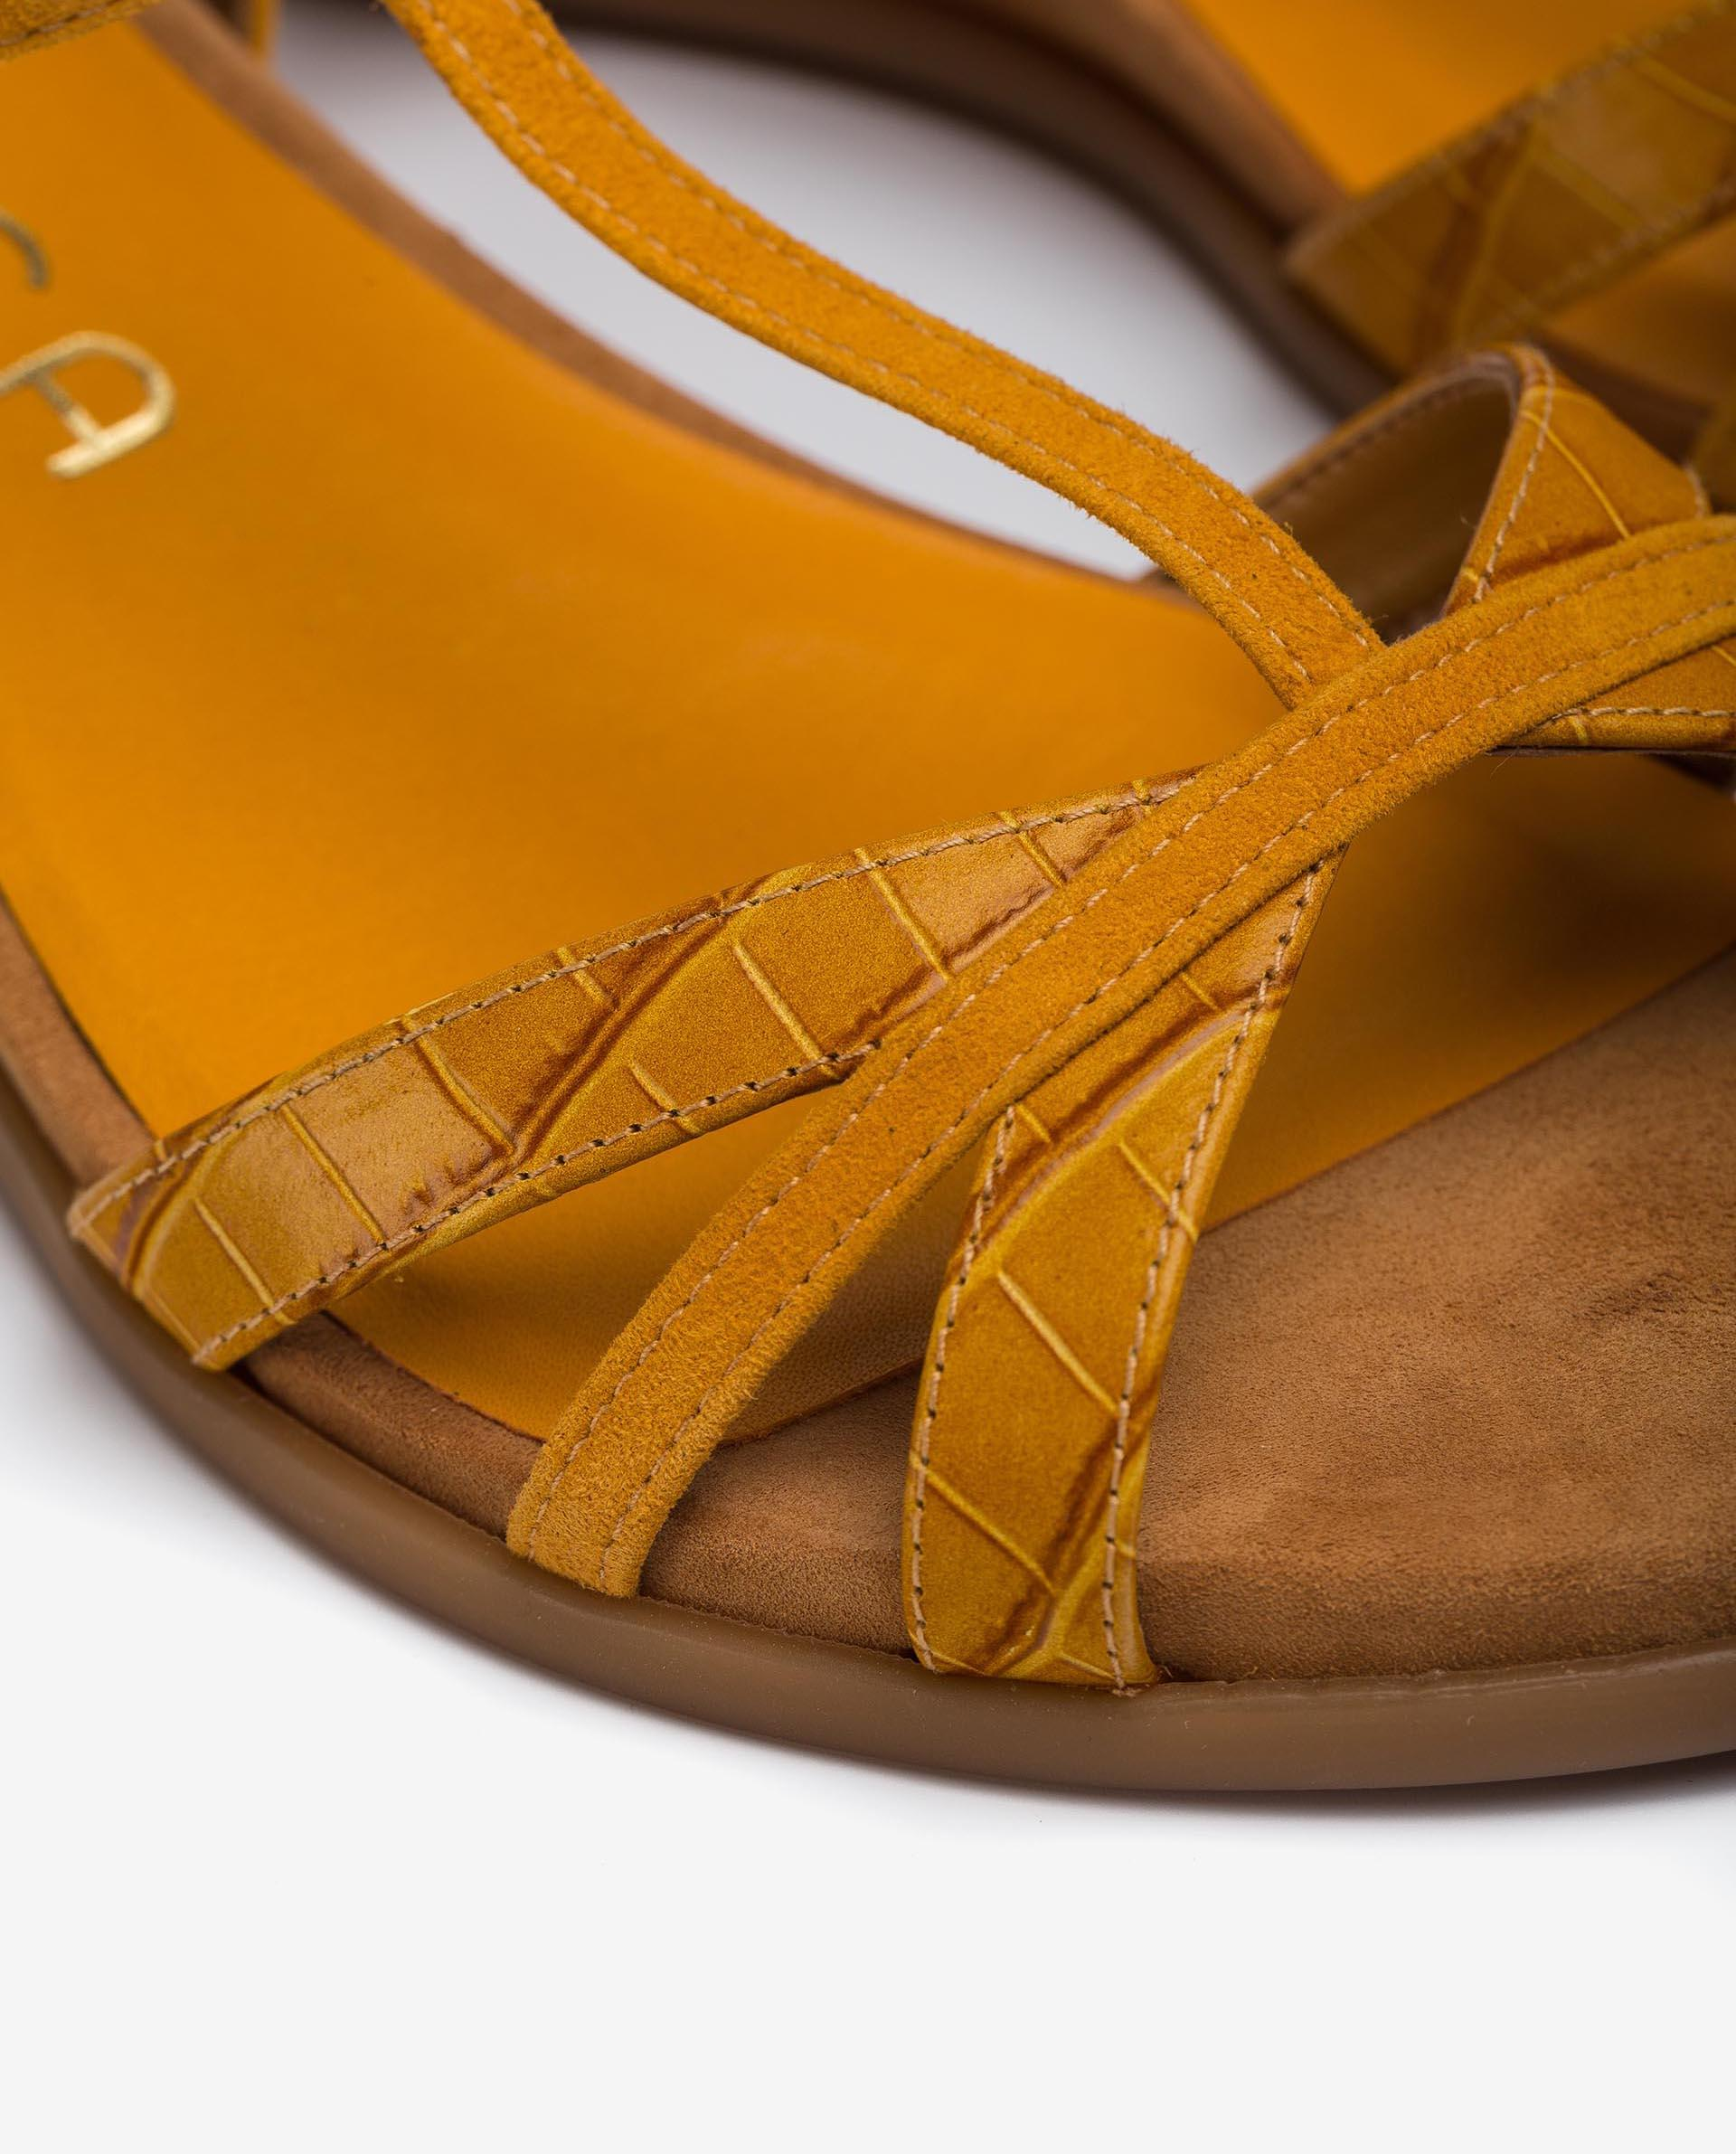 UNISA T-Strap-Sandaletten mit Wildlederstreifen BINAR_21_LAU_KS 5